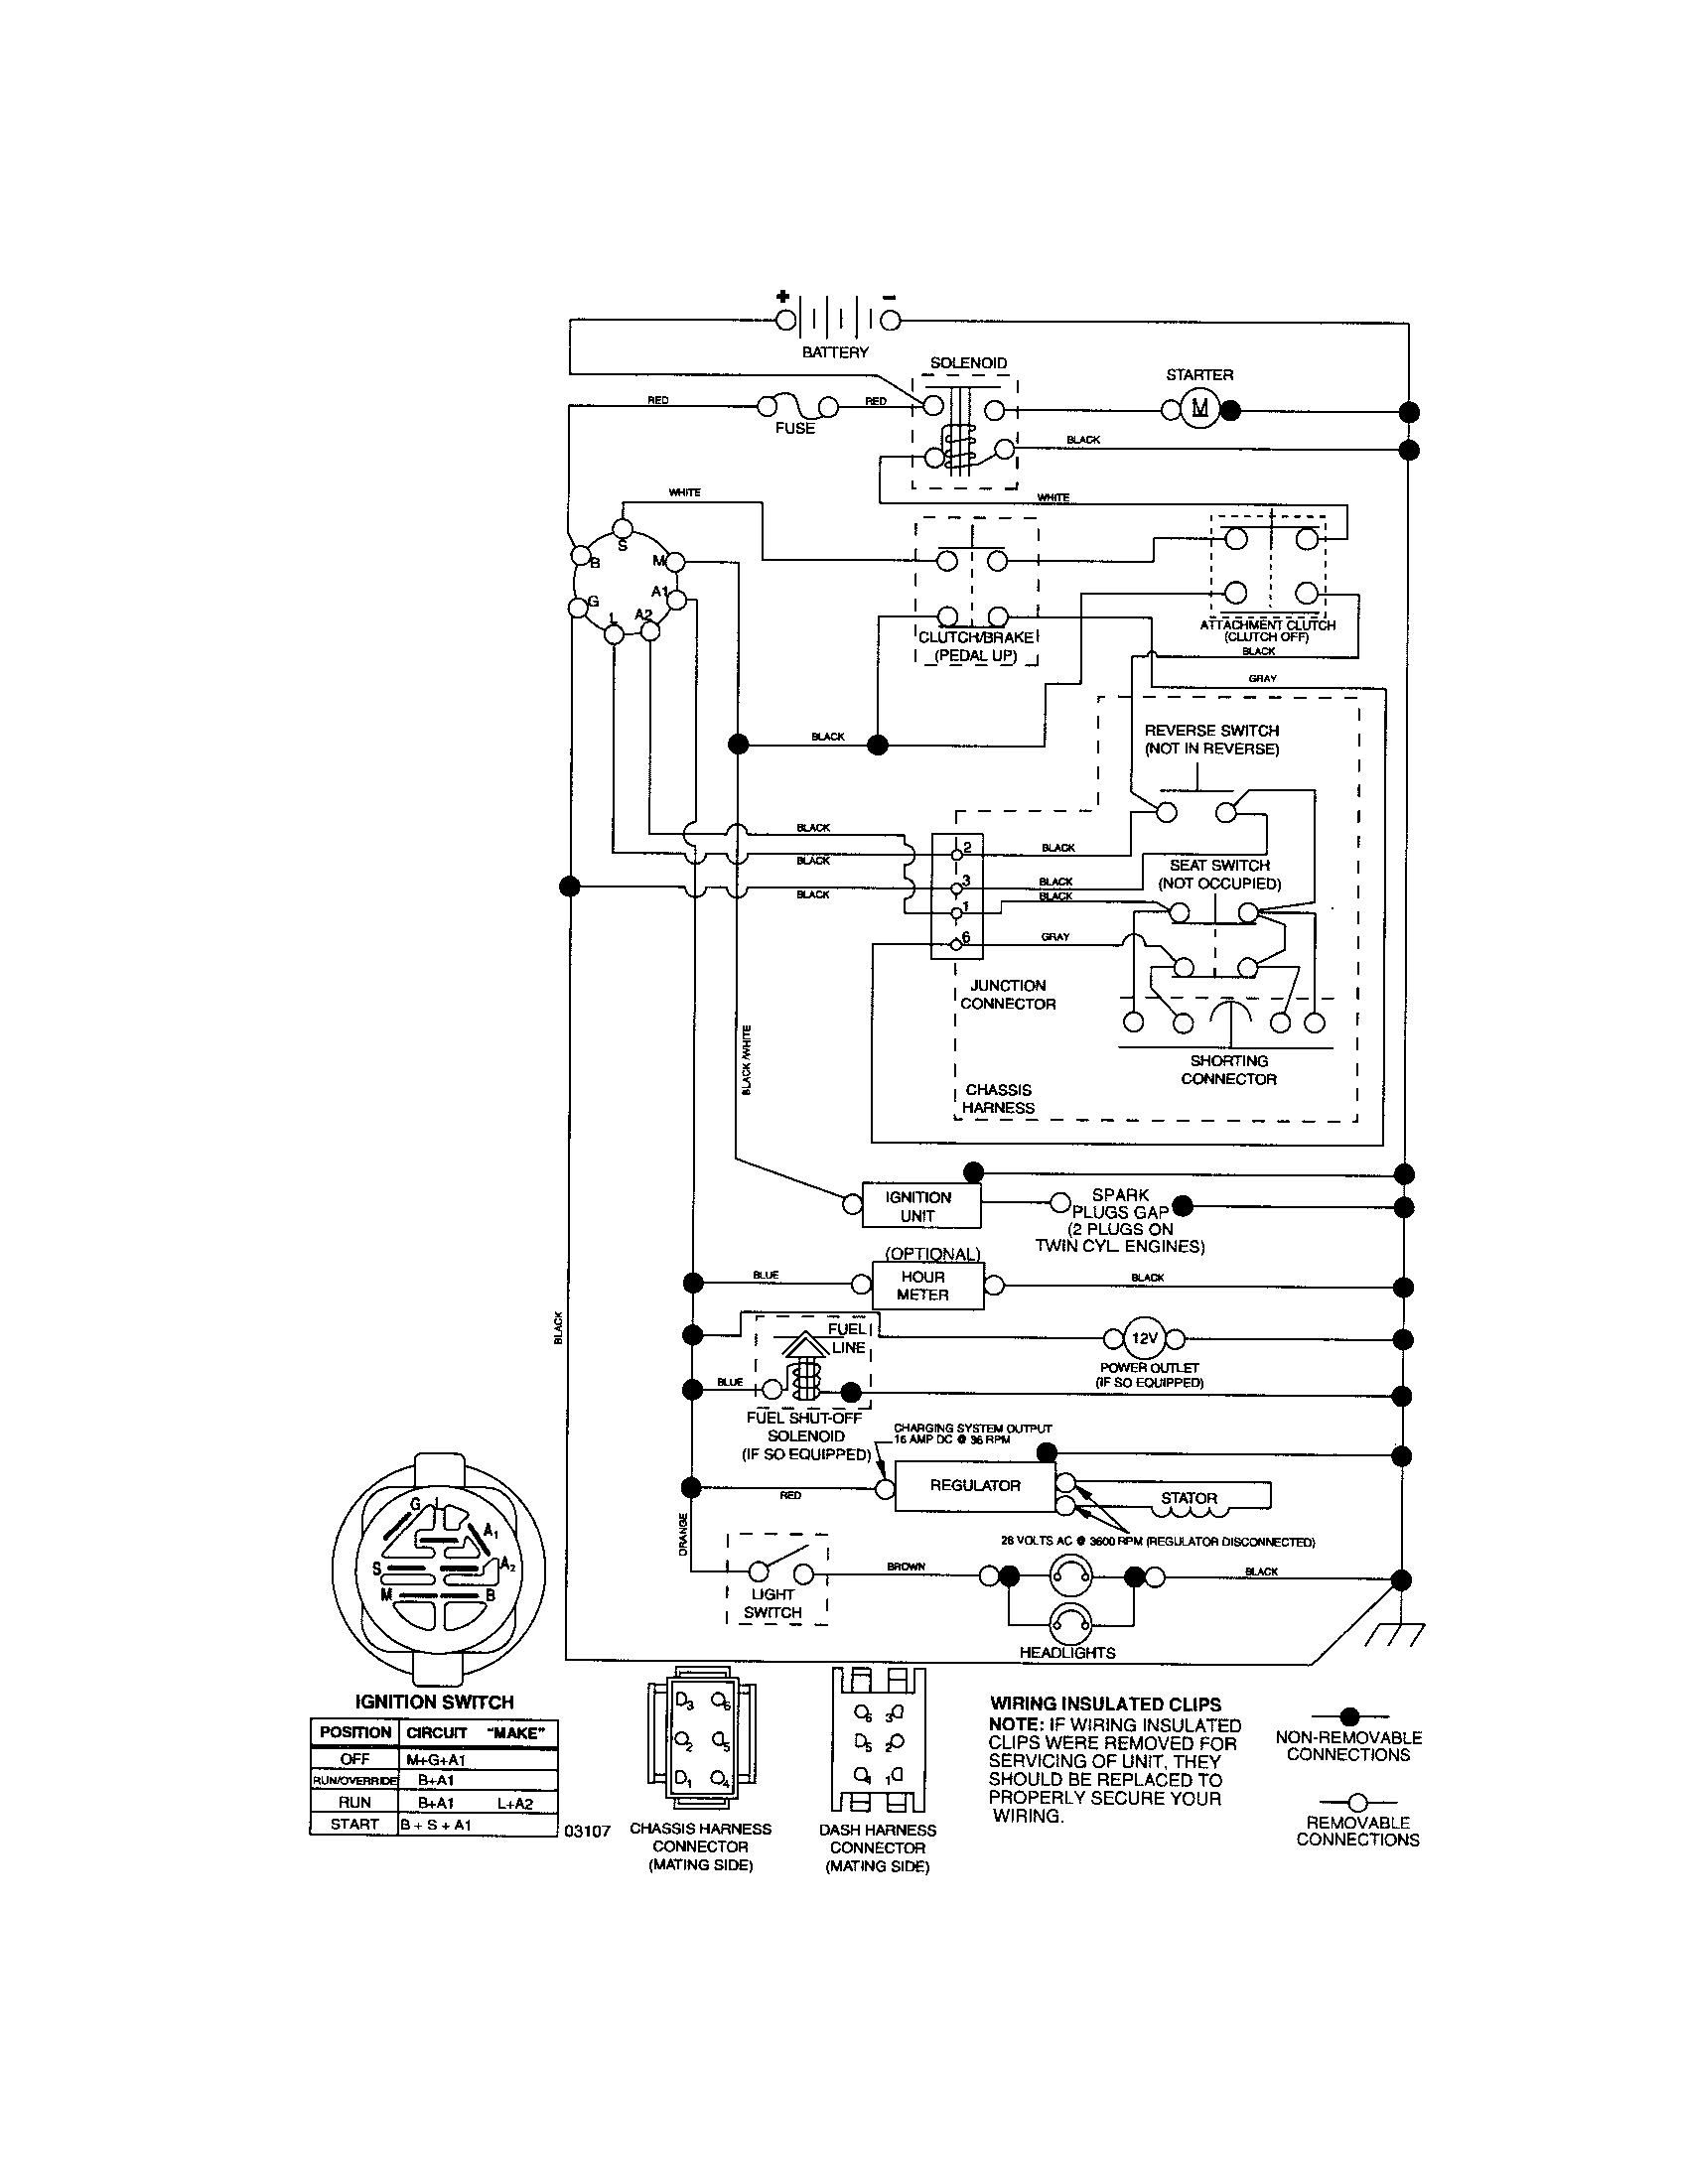 Craftsman Model 917 Wiring Diagram | Wiring Diagram - Craftsman Model 917 Wiring Diagram